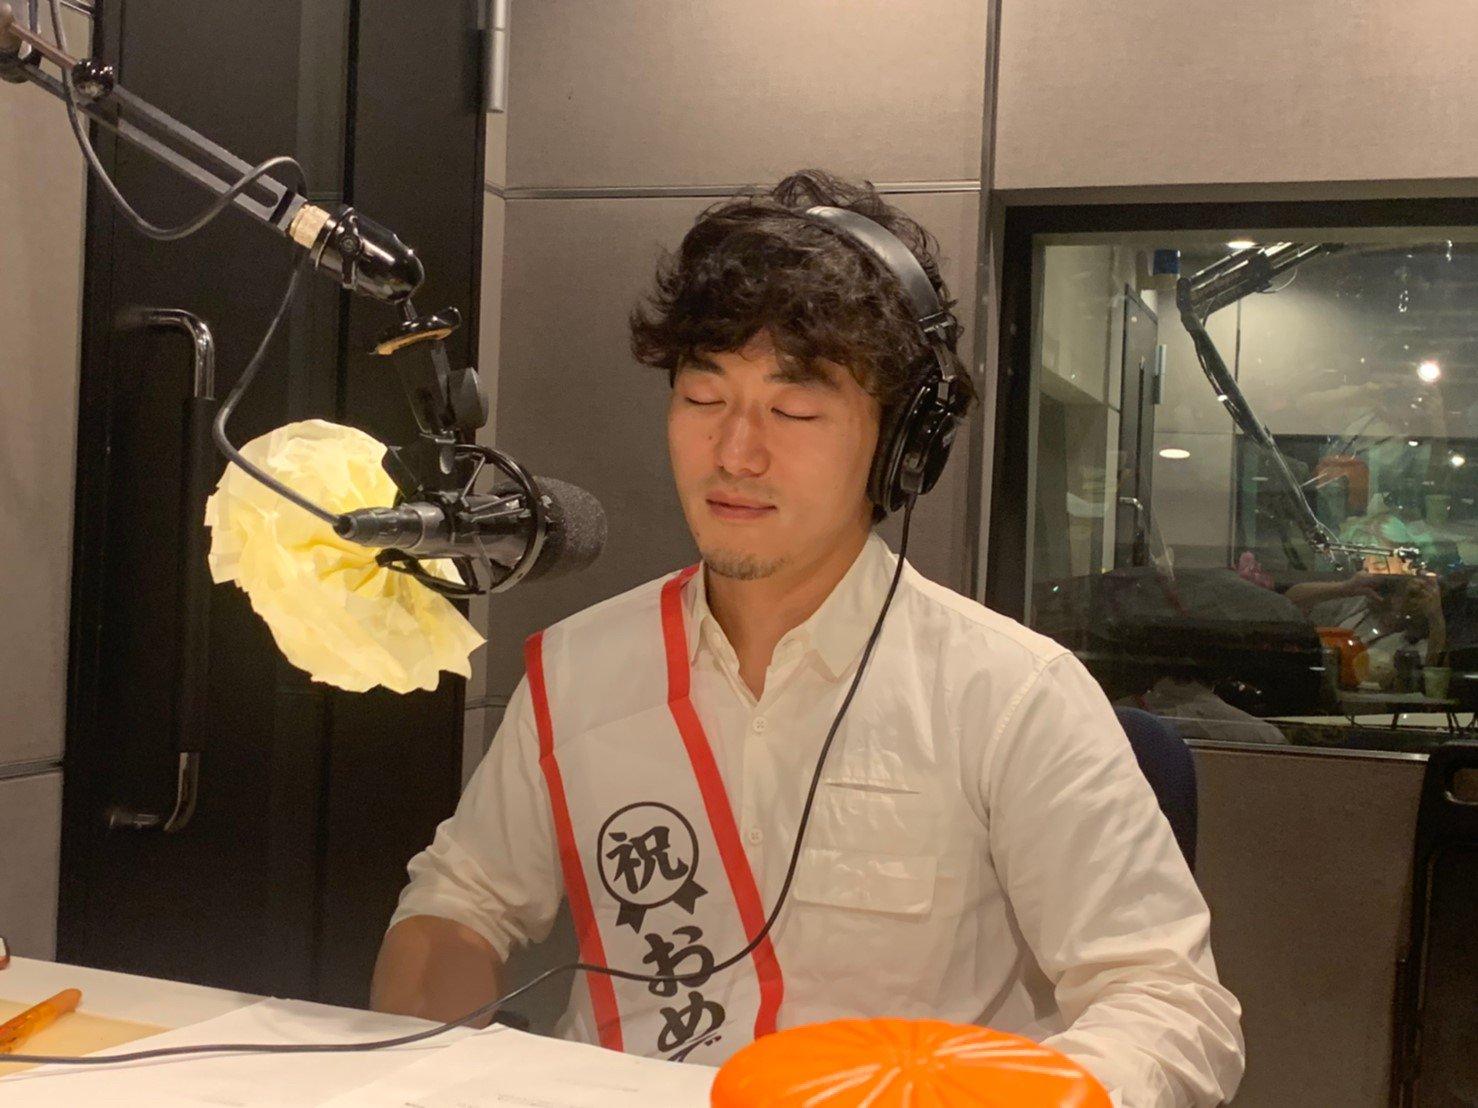 松居大悟、もうすぐ誕生日! でも自身のラジオでなかなか祝ってもらえず…?